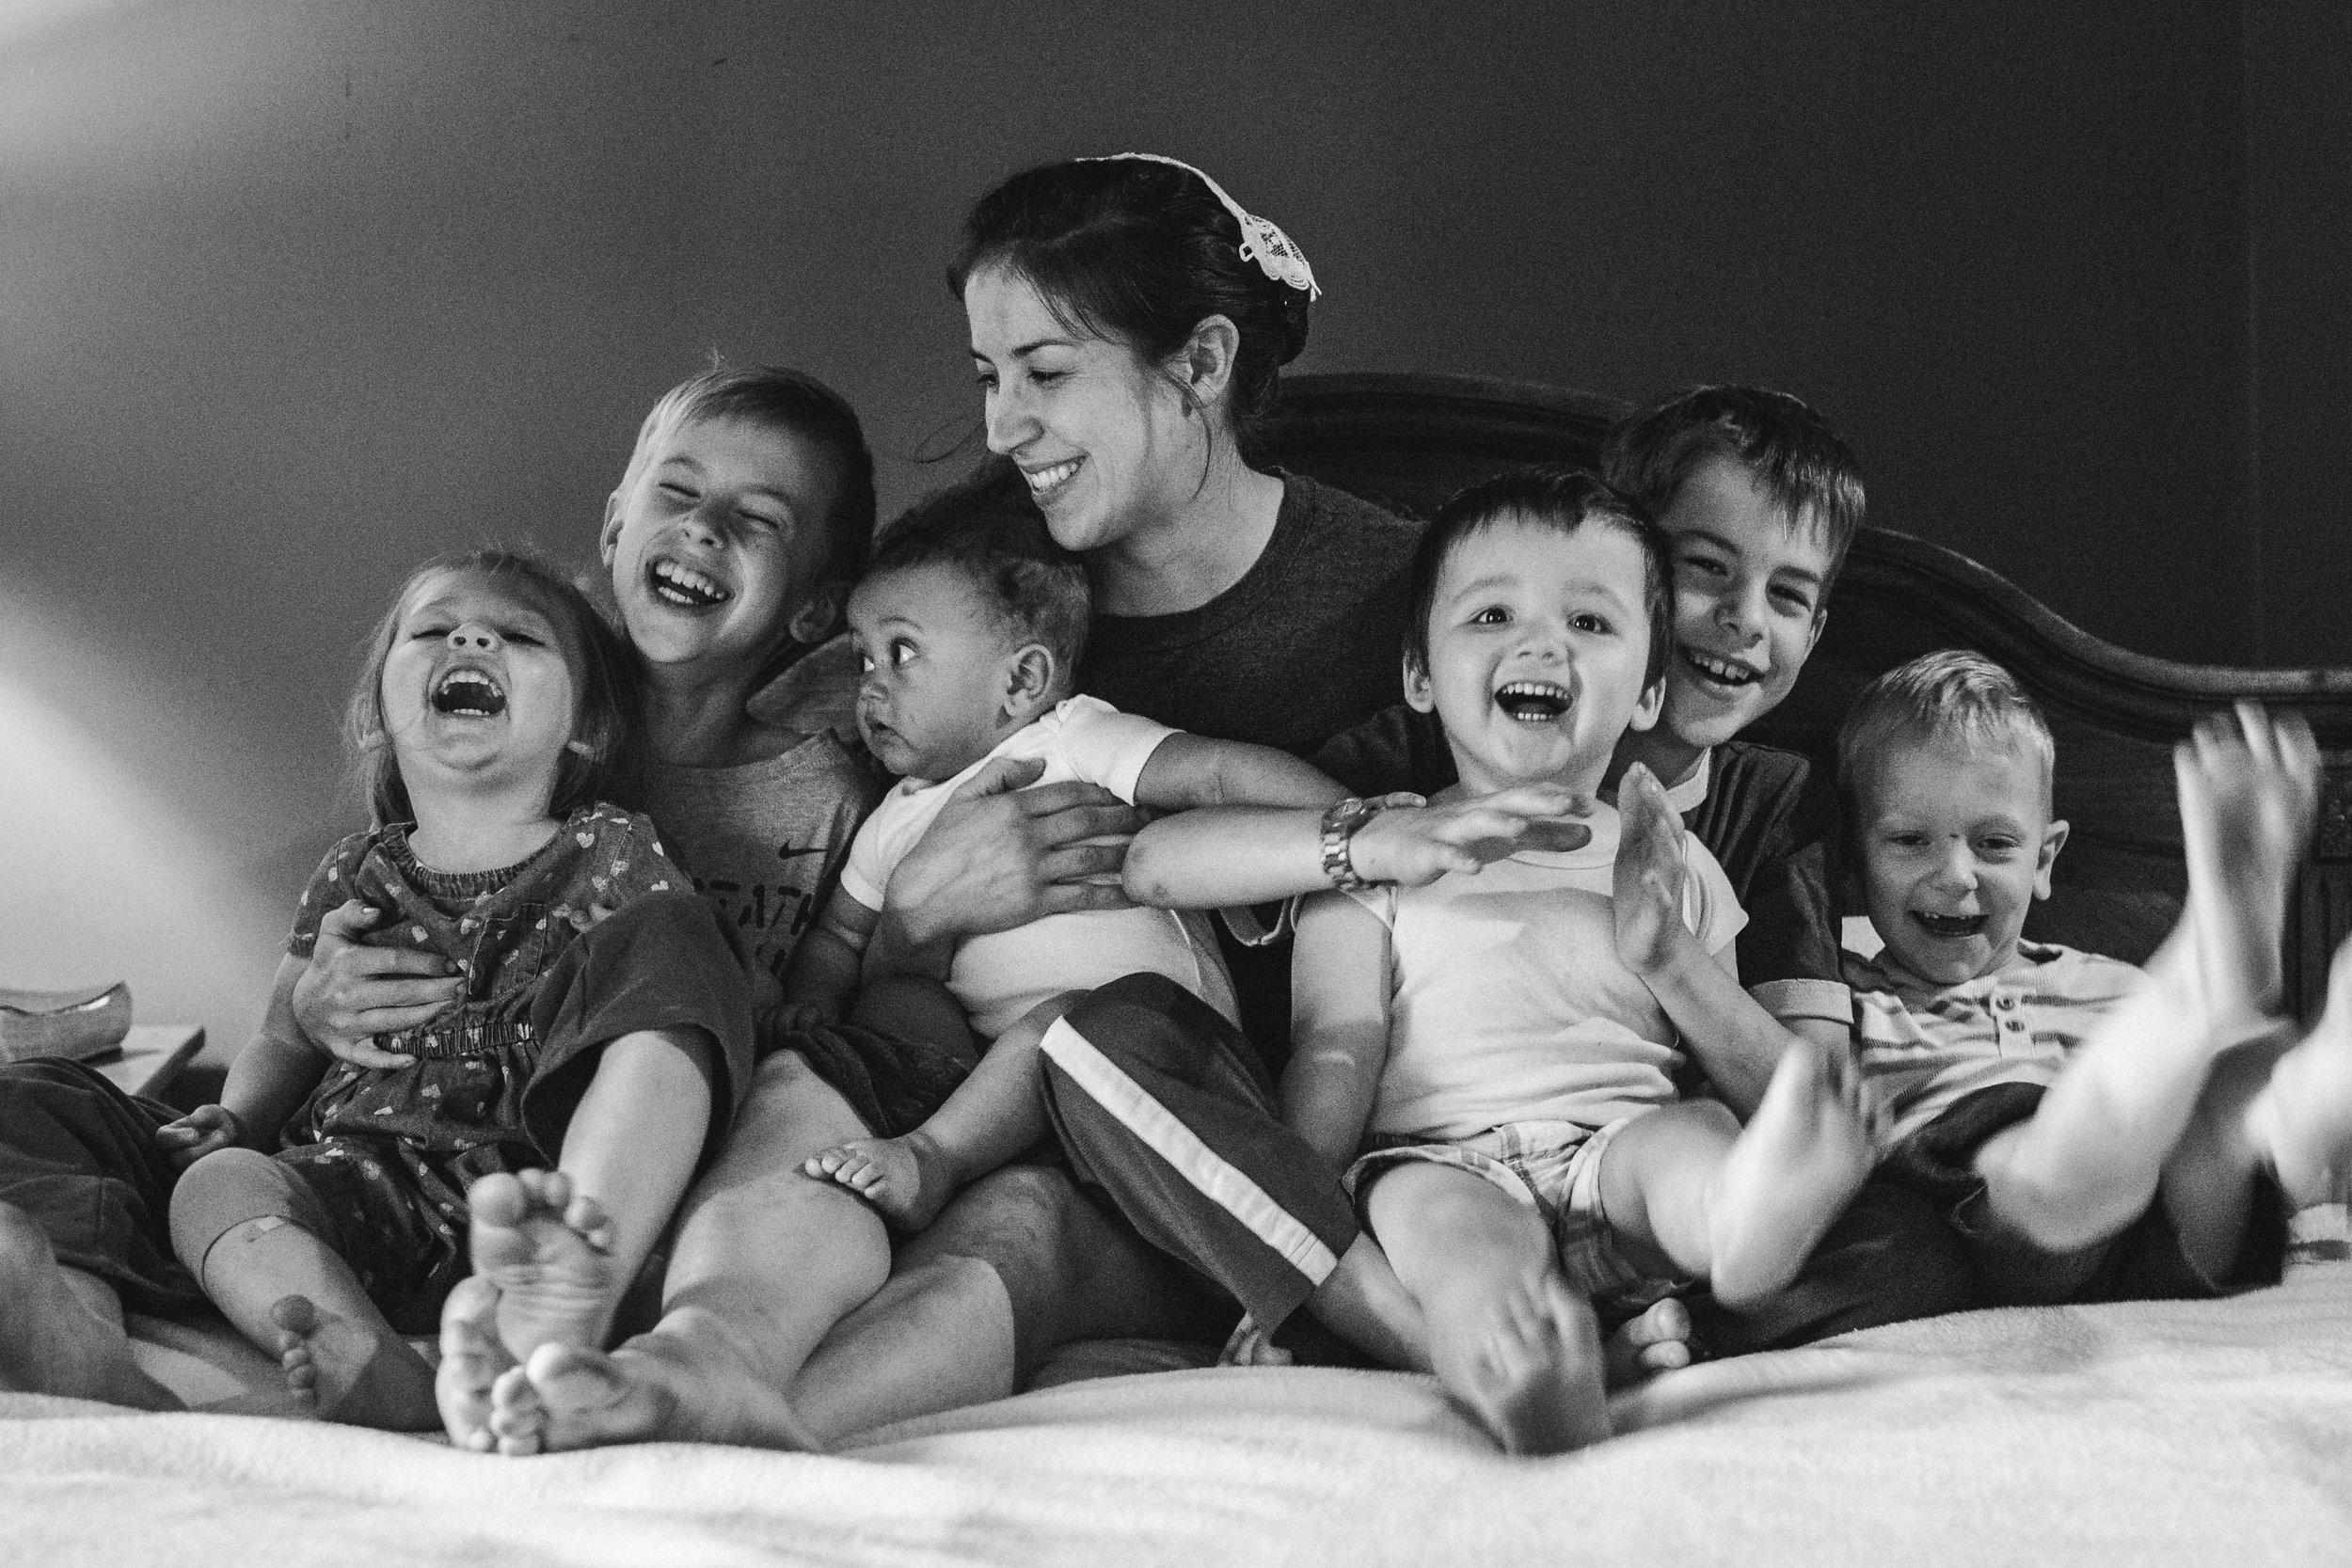 christi-stoner-photography-lancaster-pa-children-1-4.JPG